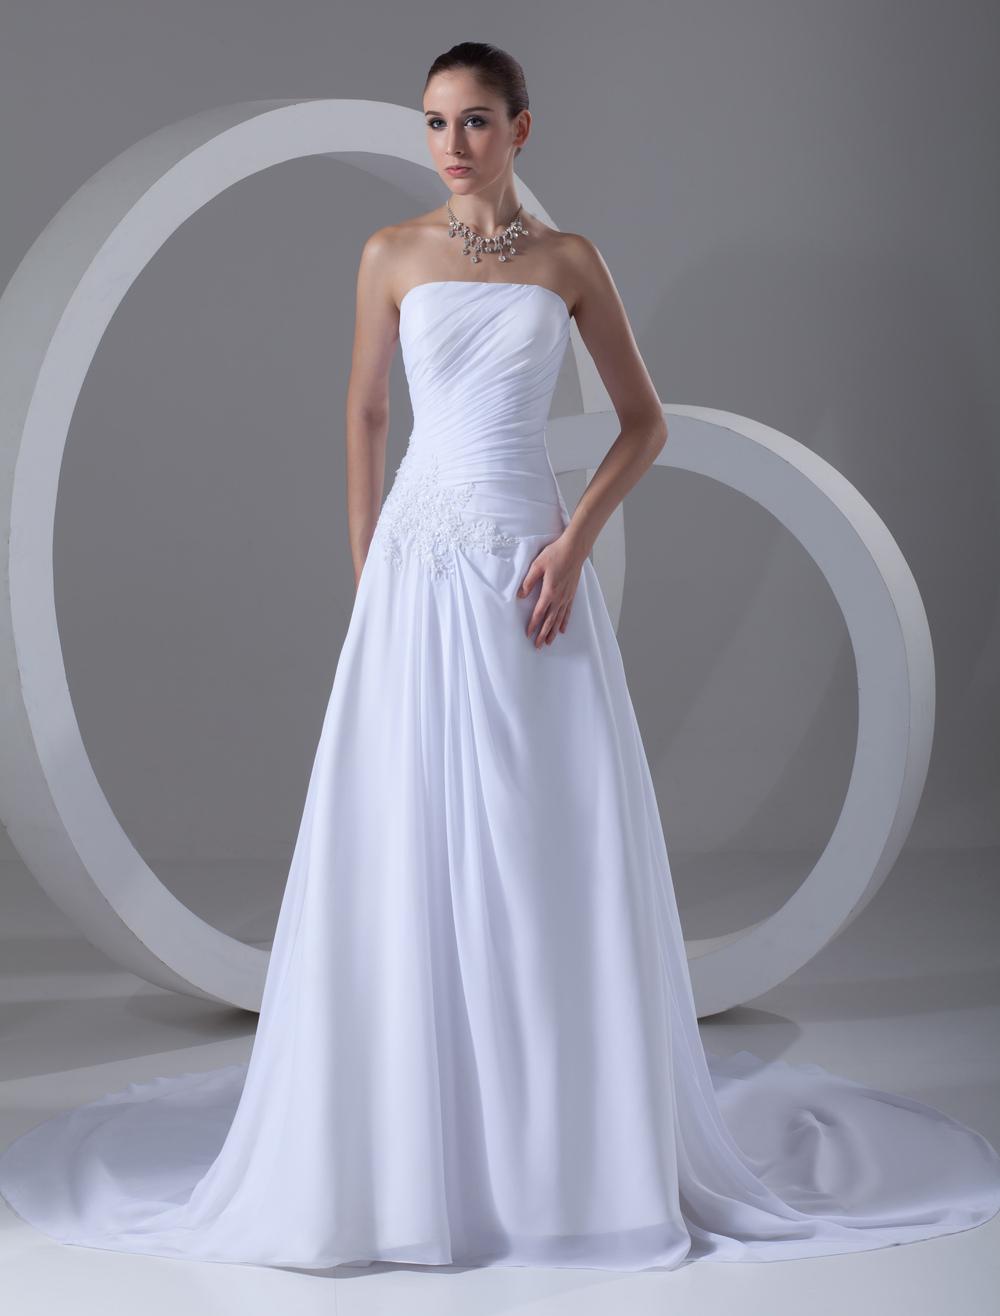 A Line Strapless Applique White Wedding Dress